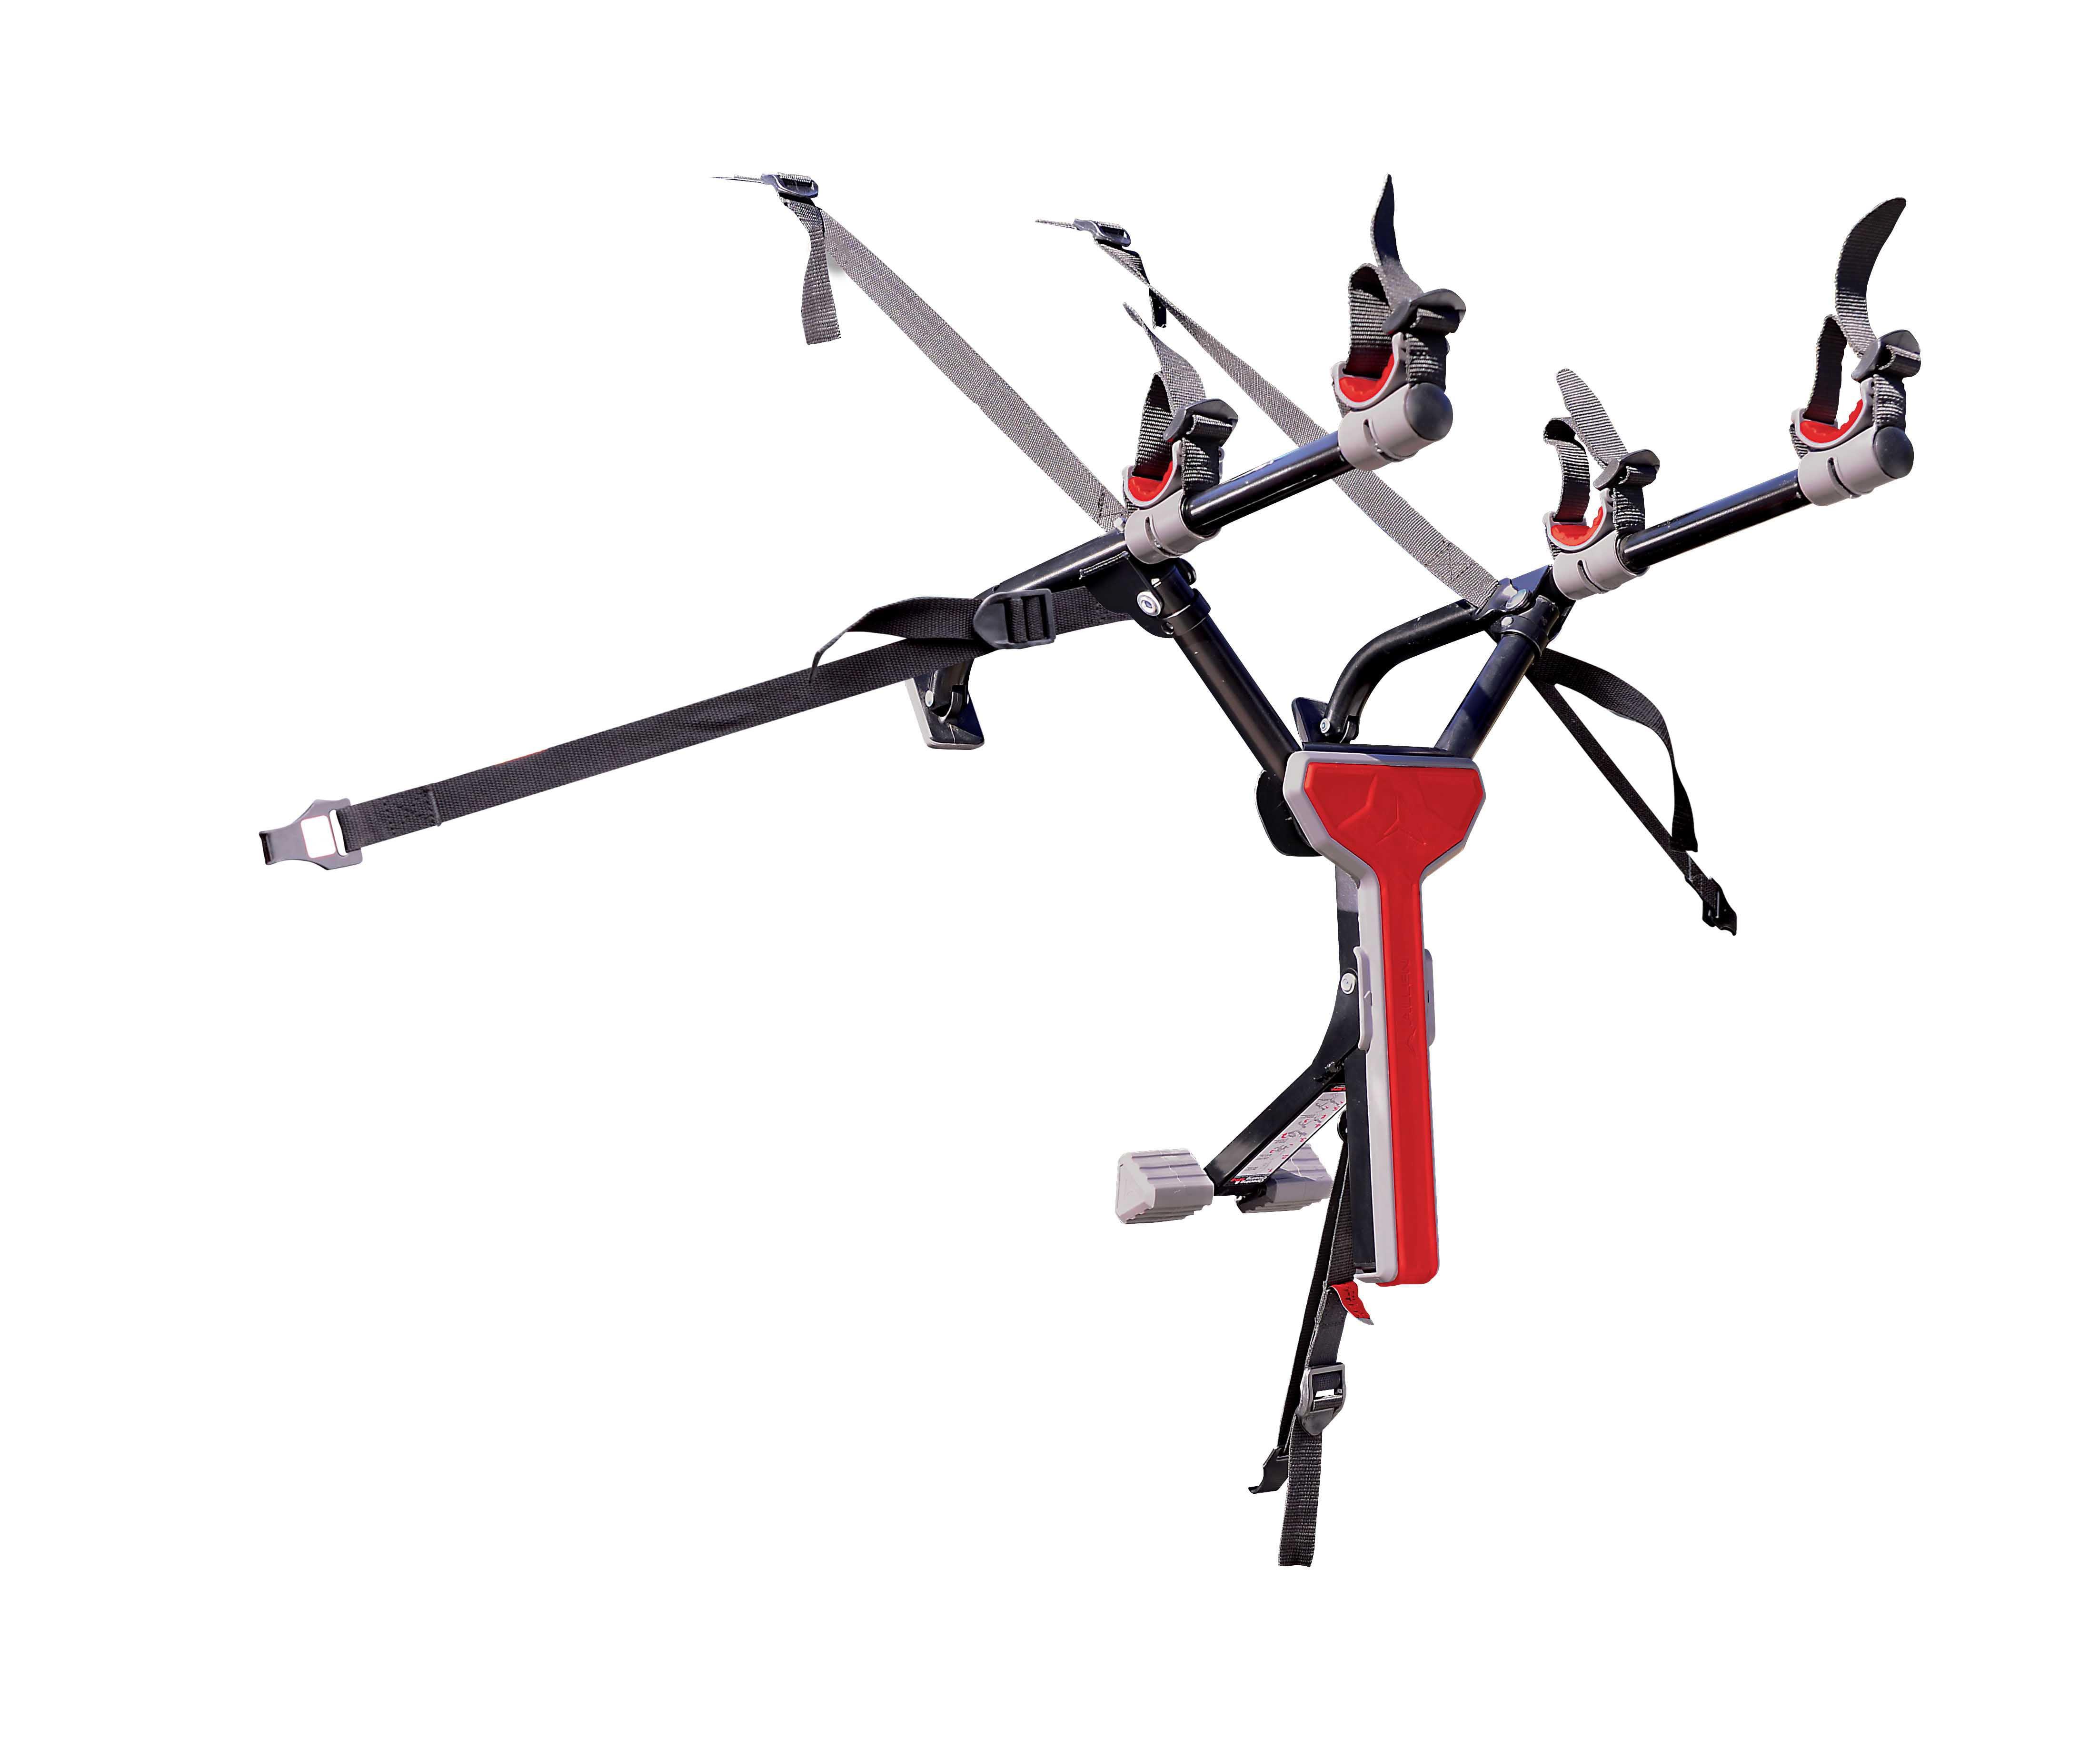 Allen Sports MT-2 Ultra Compact Folding 2-Bike Trunk Rack by Allen Sports